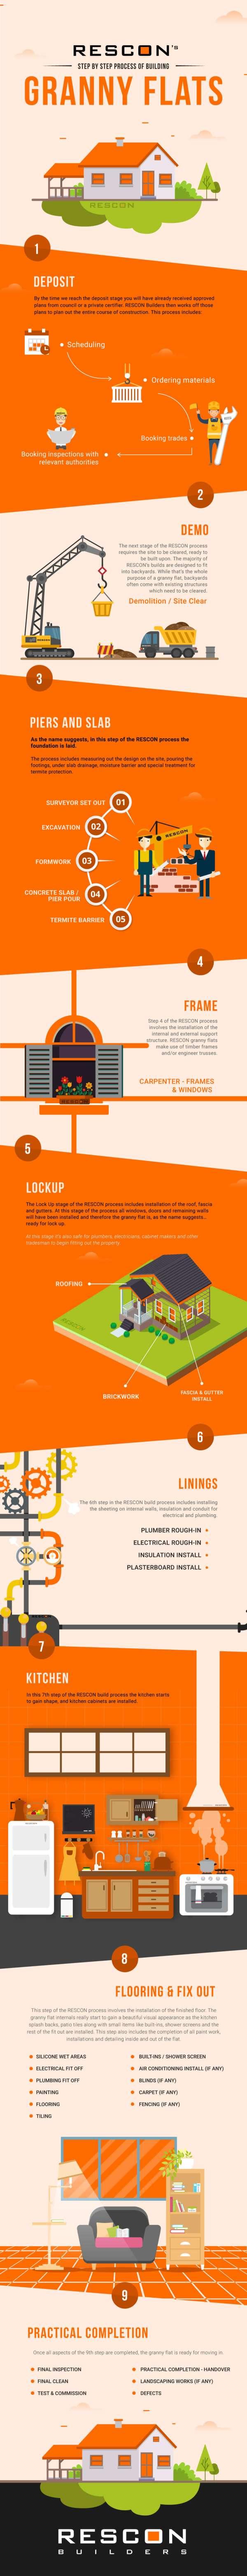 RESCON's-Building-process